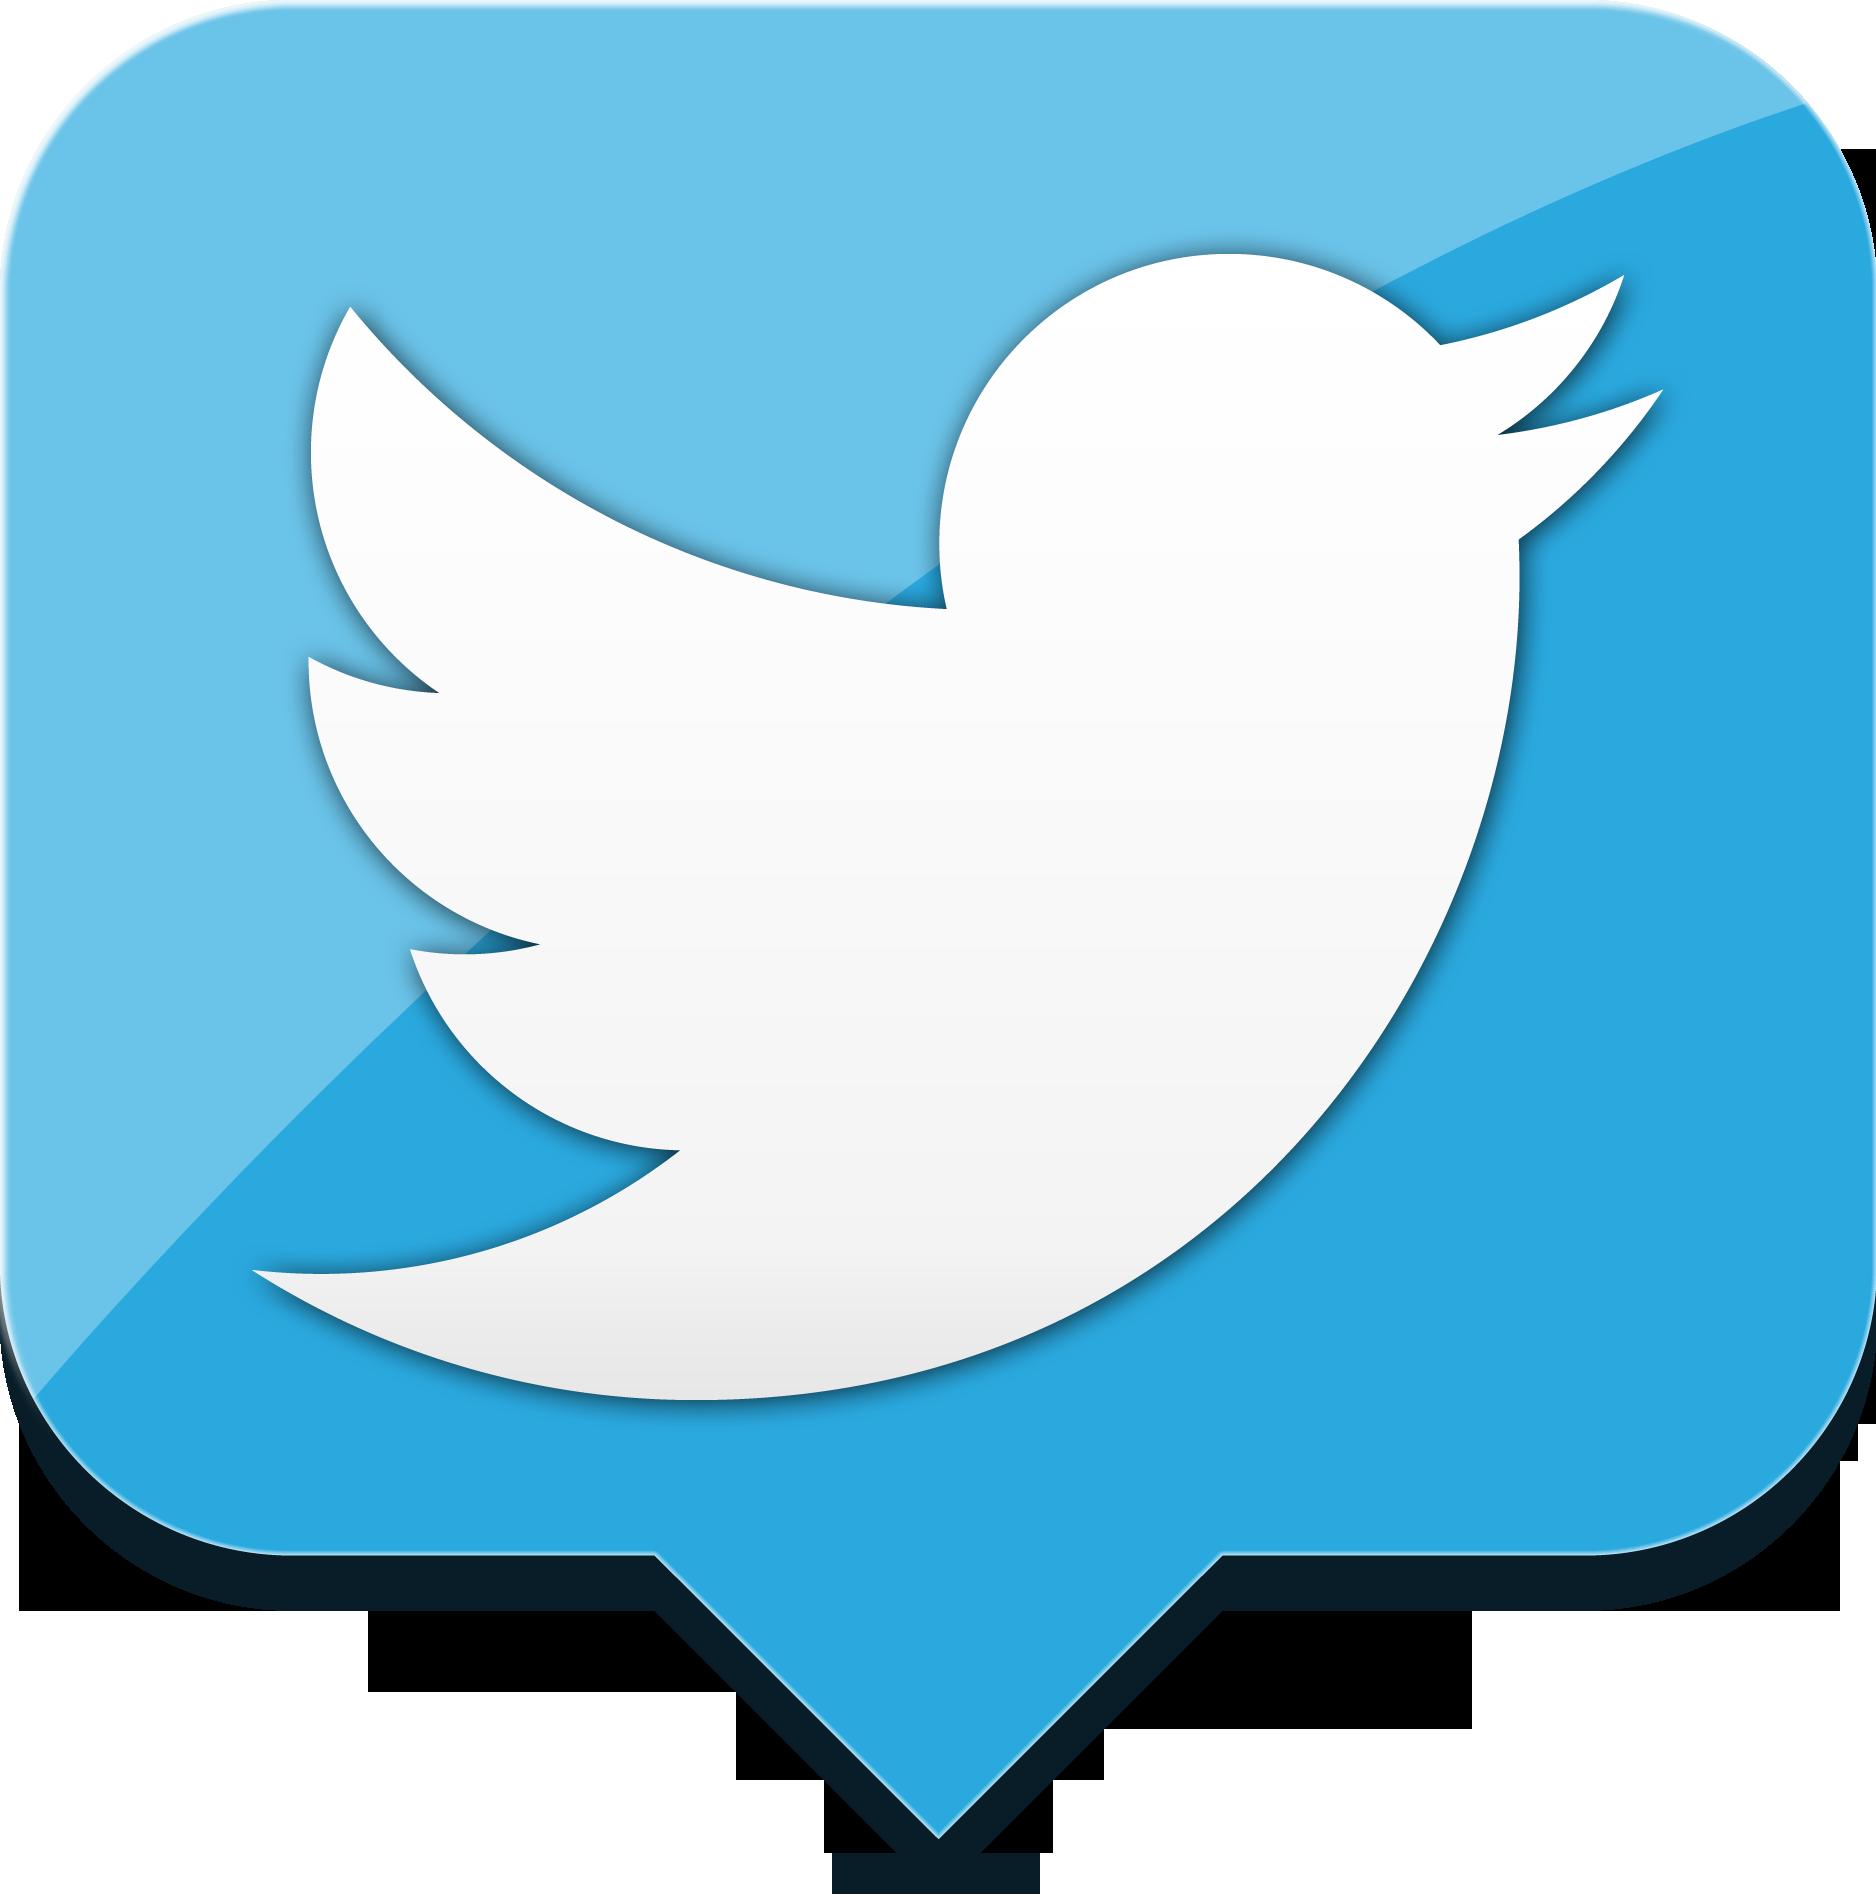 feffe-kaufmann-twitter-blogg